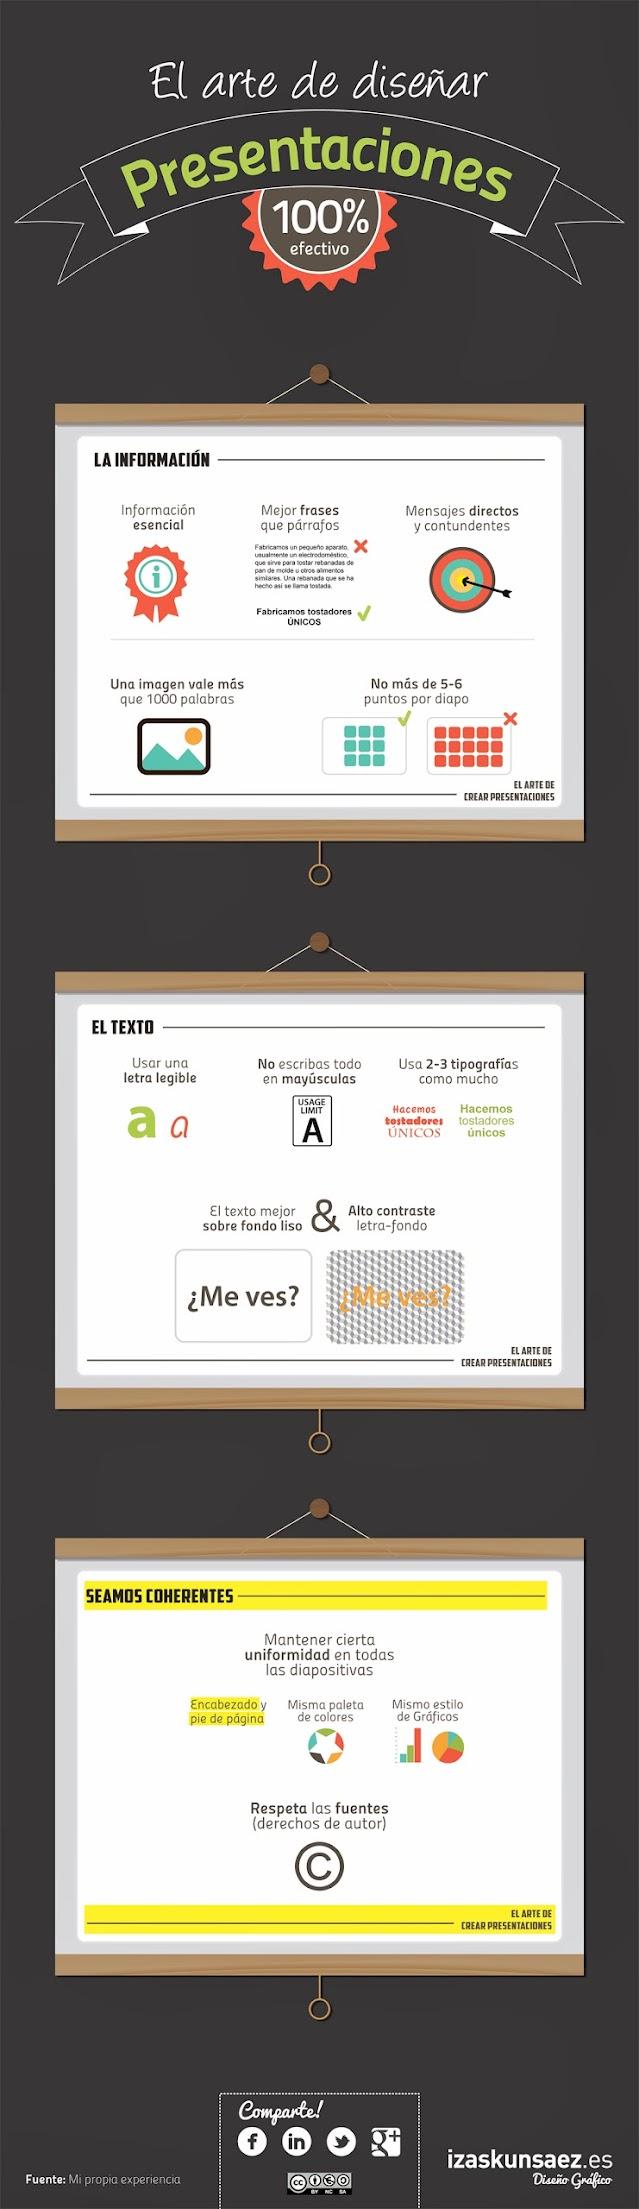 Diseñar presentaciones efectivas